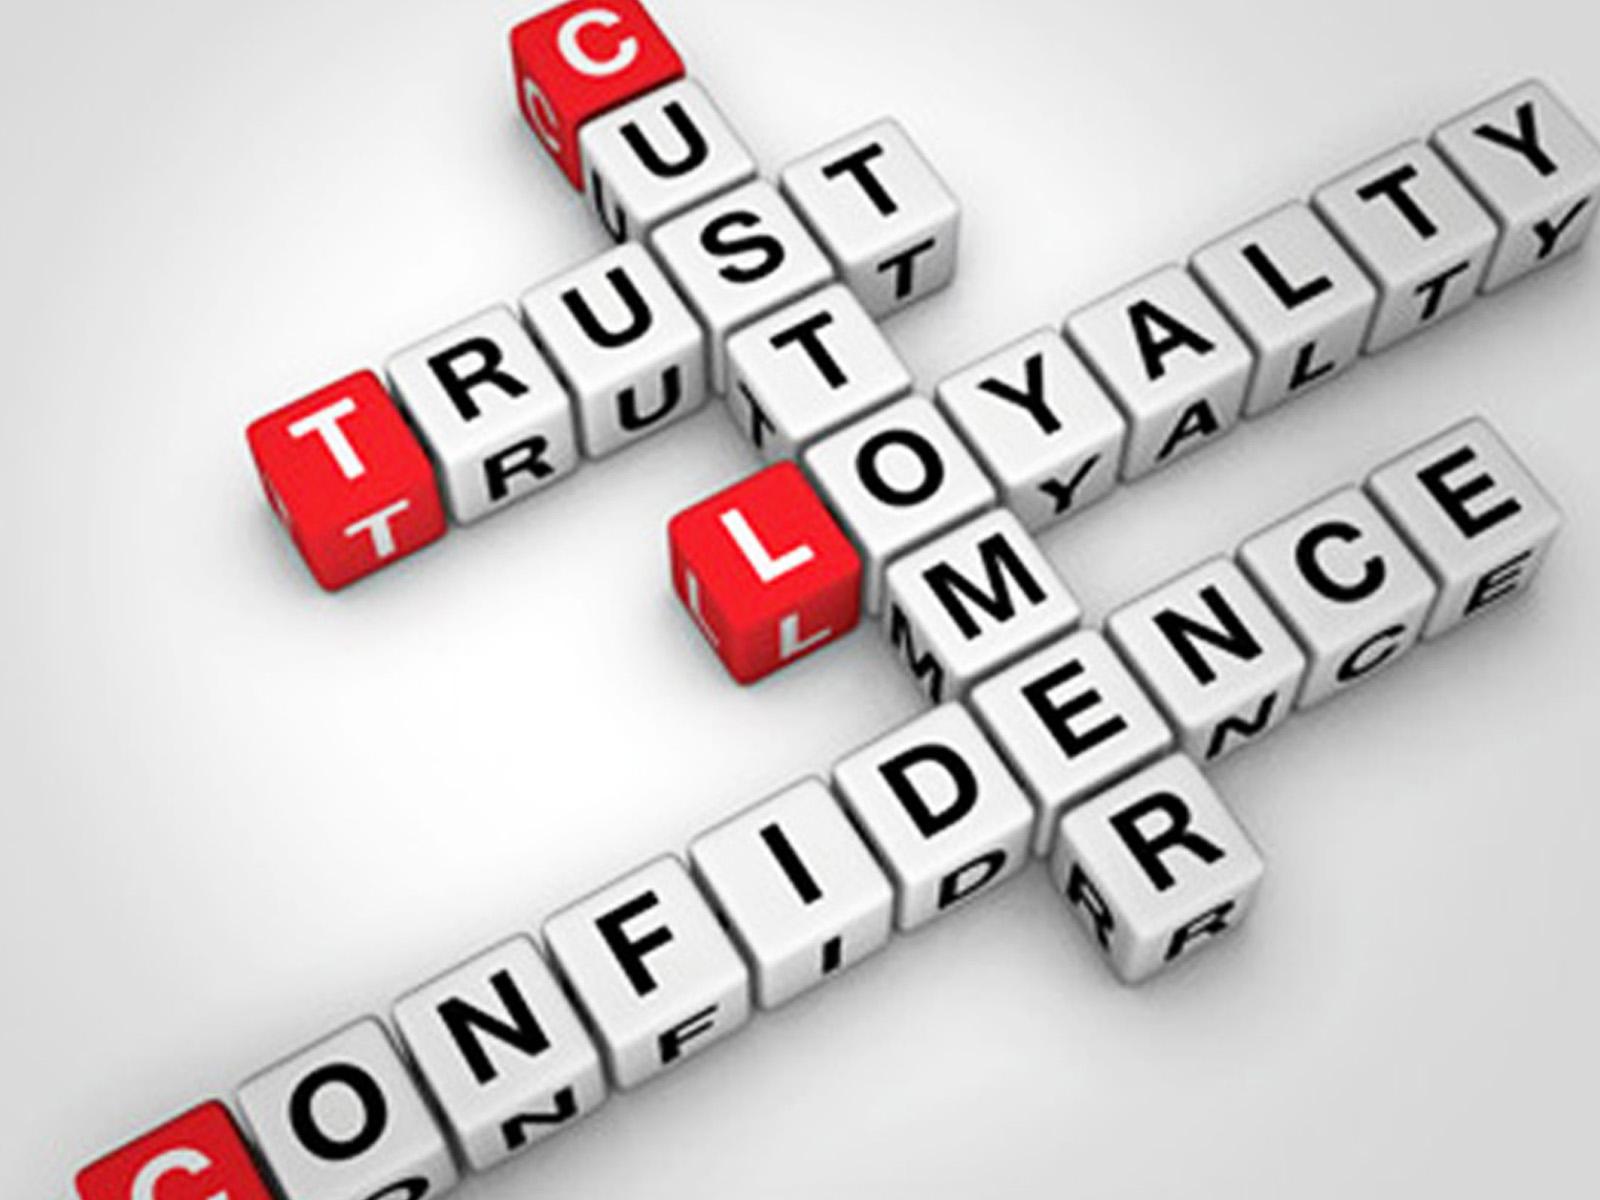 Pentingnya Customer Oriented Bagi Bisnis Anda